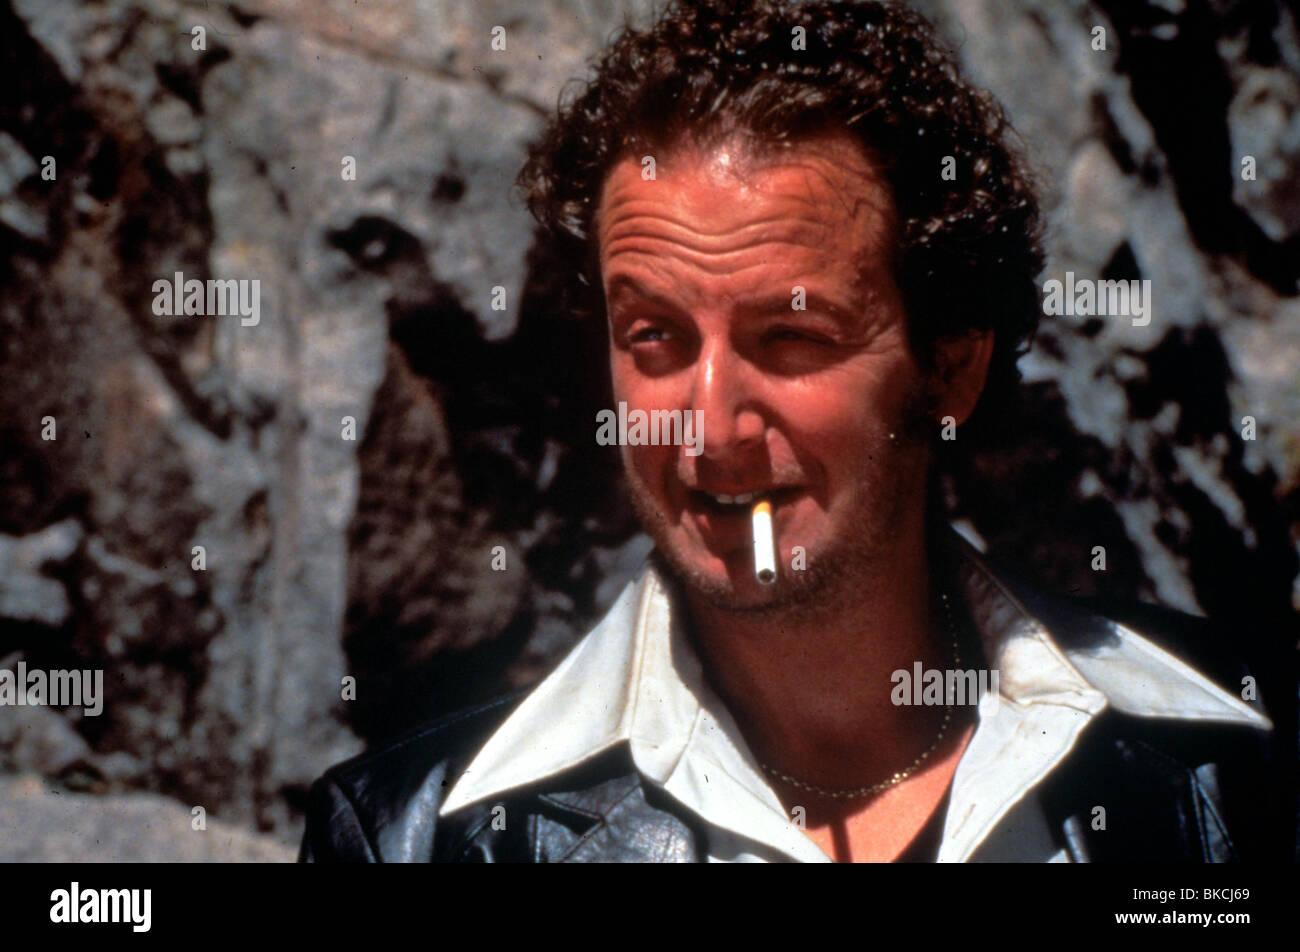 Daniel Stern en fumant